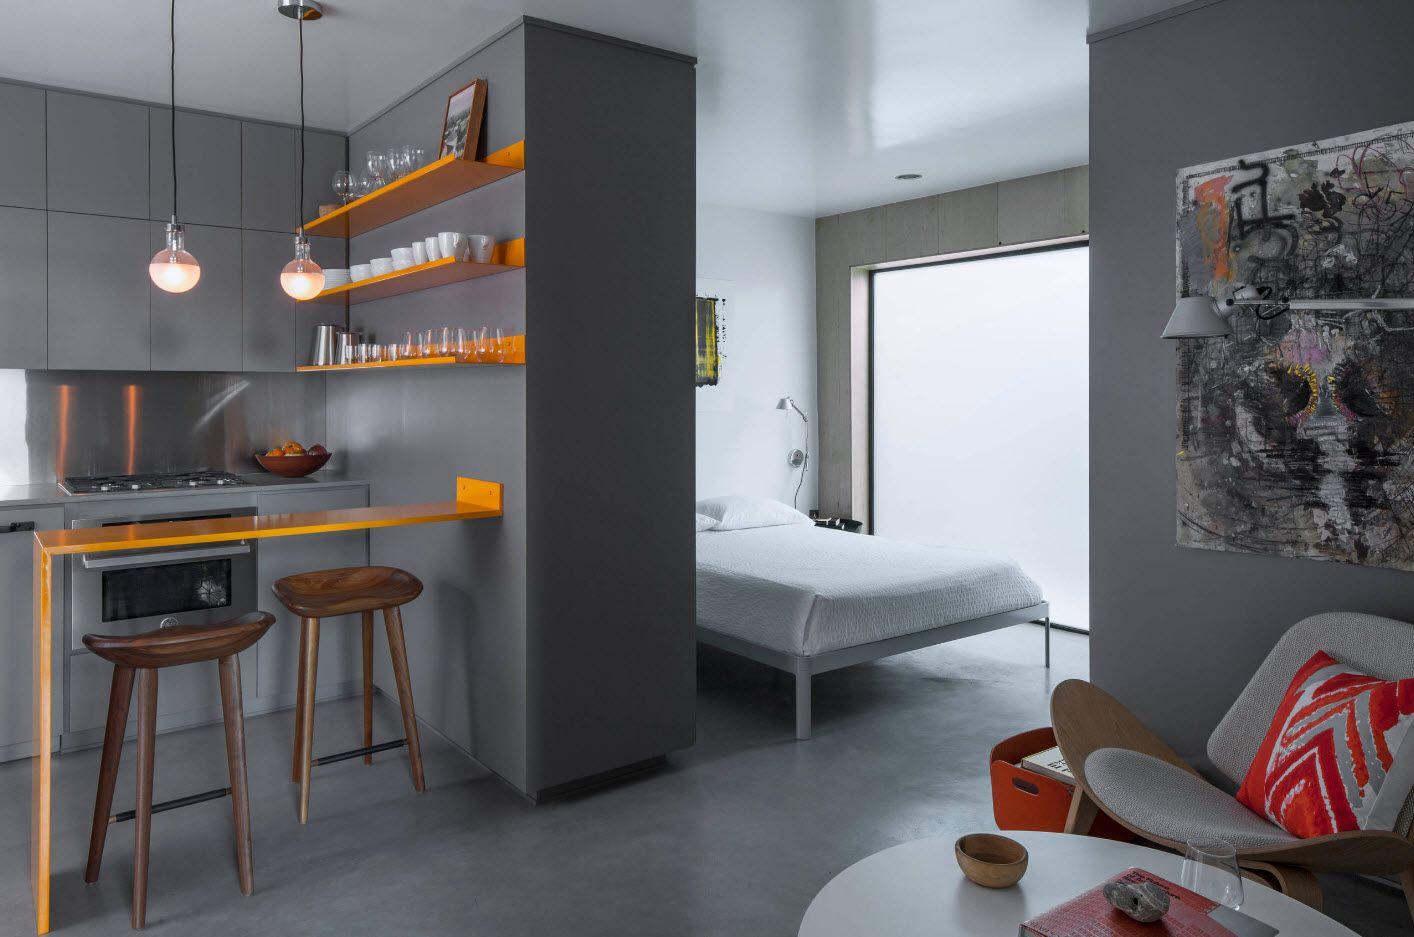 Спальня в однокомнатной квартире с кухней